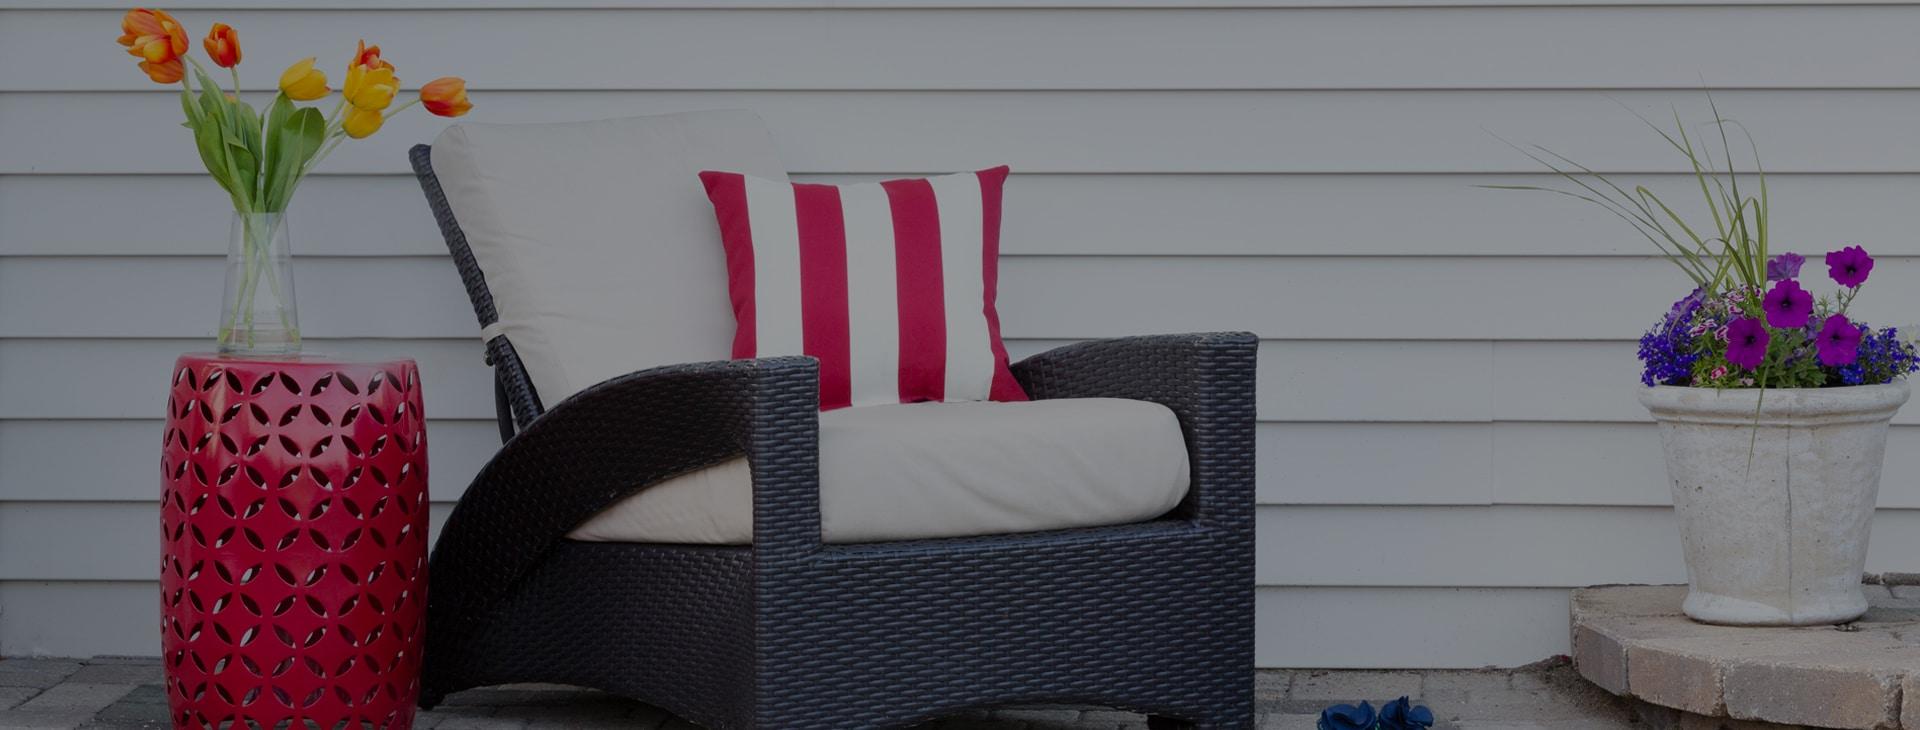 این یک پوشش بزرگ است<br /> پاسیو با صندلی در فضای باز